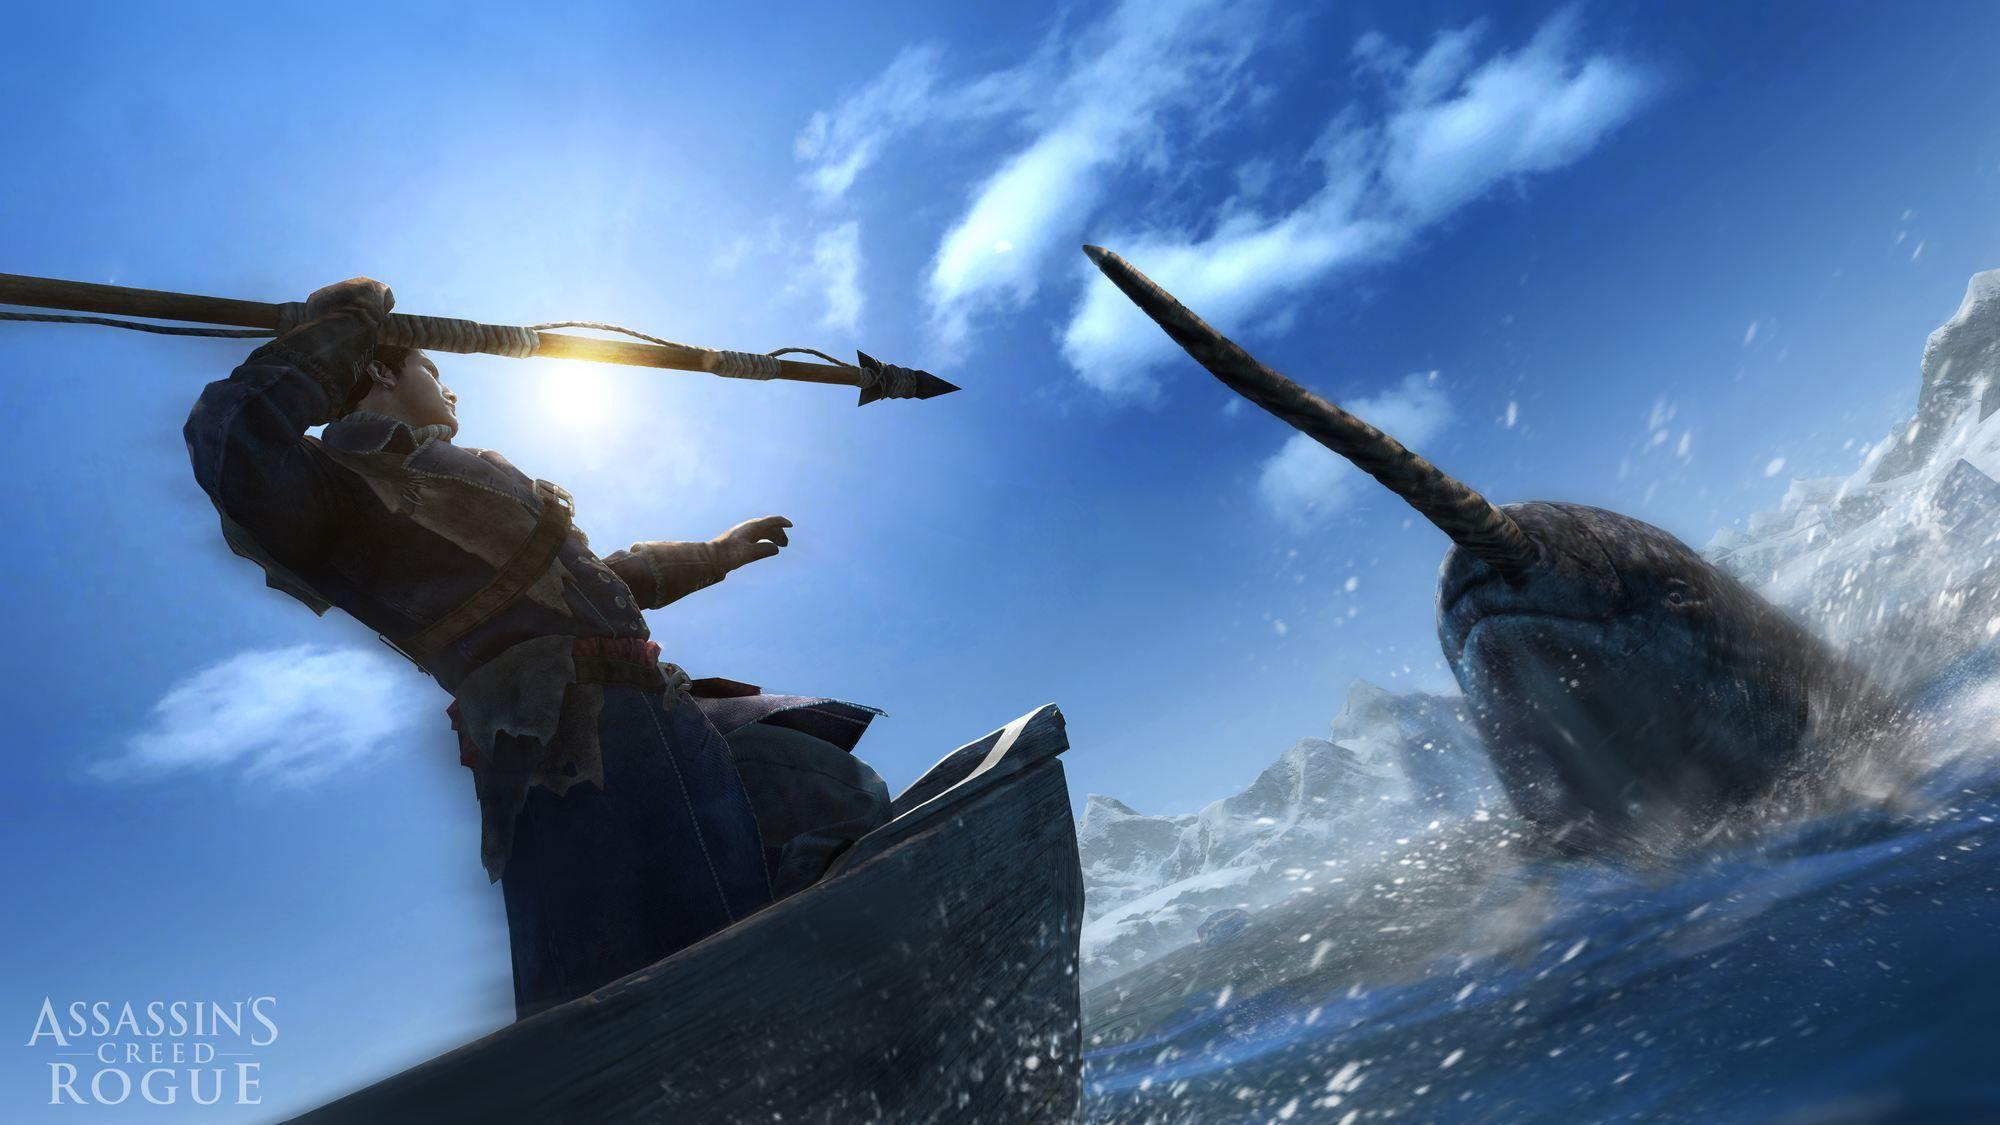 Assassin's Creed Rogue - Essentials (PS3) - 10